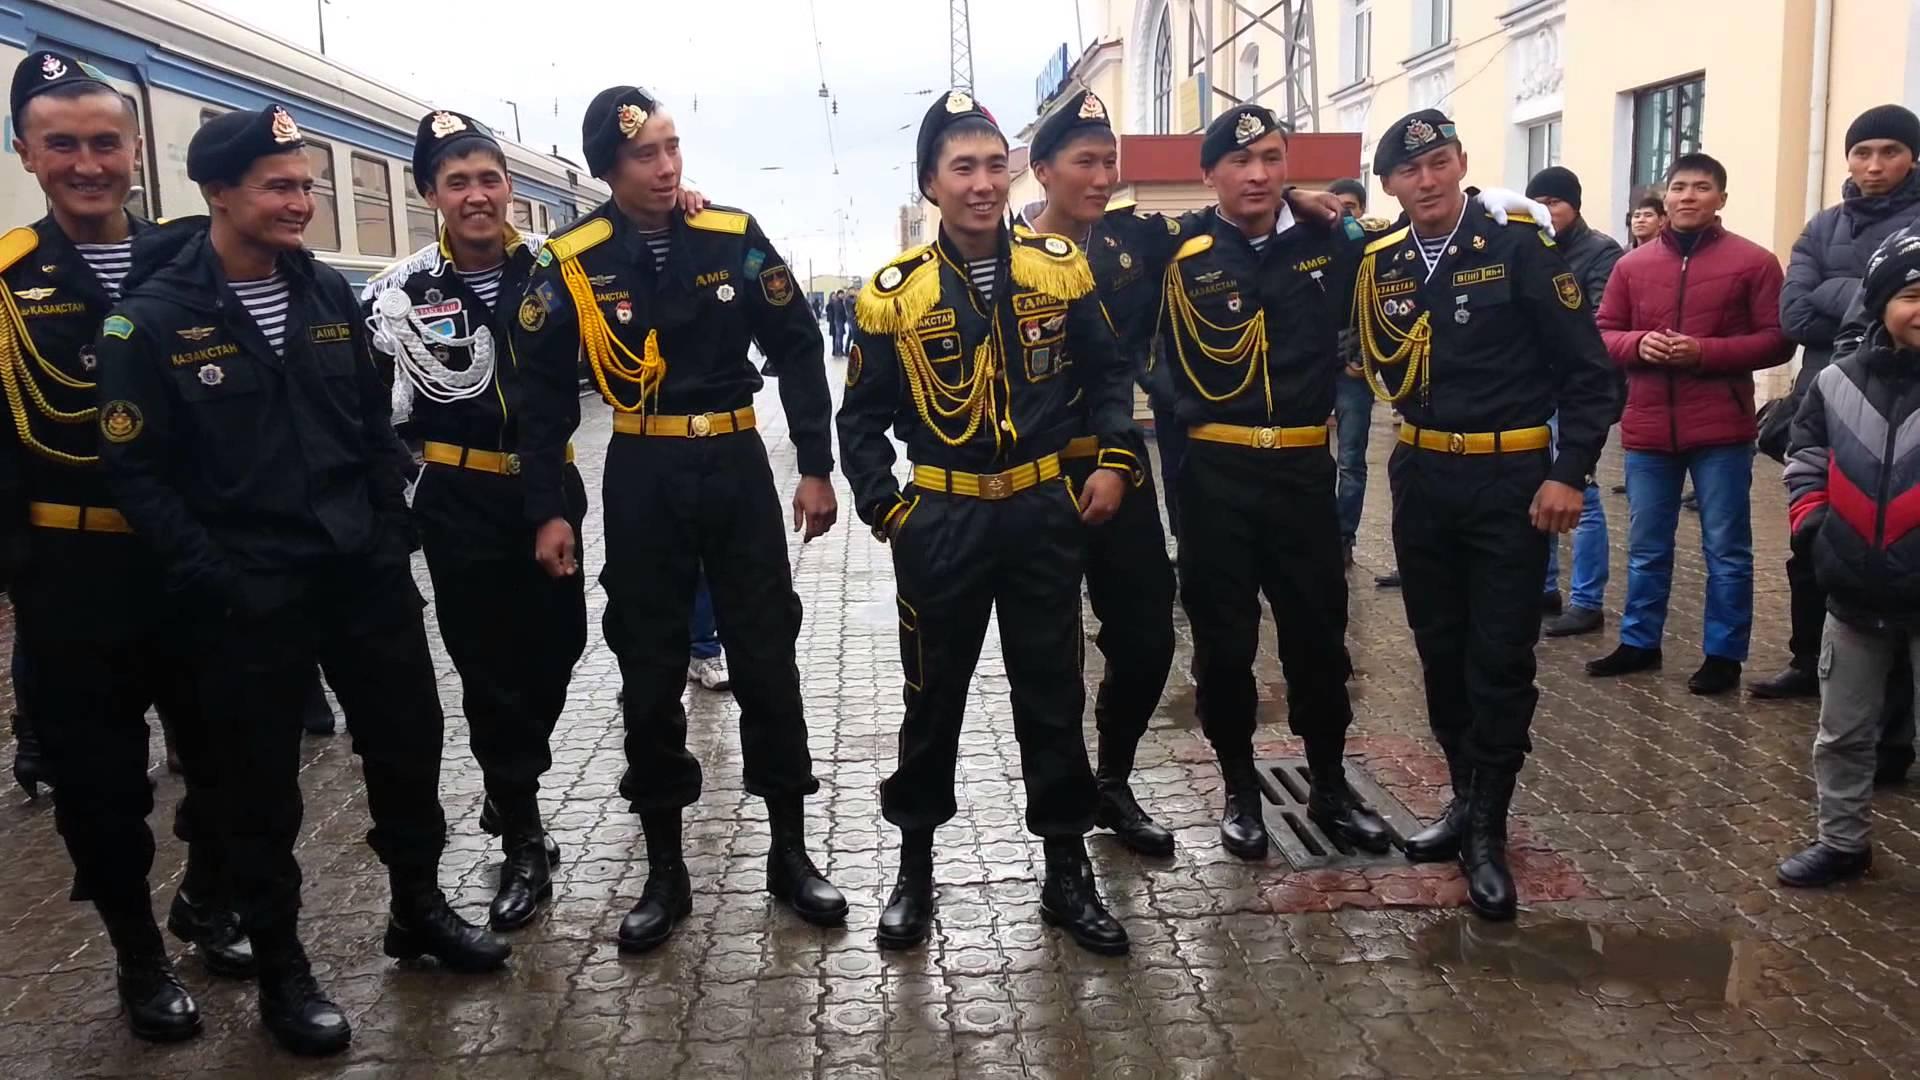 Поздравление с морской пехотой в прозе фото 656